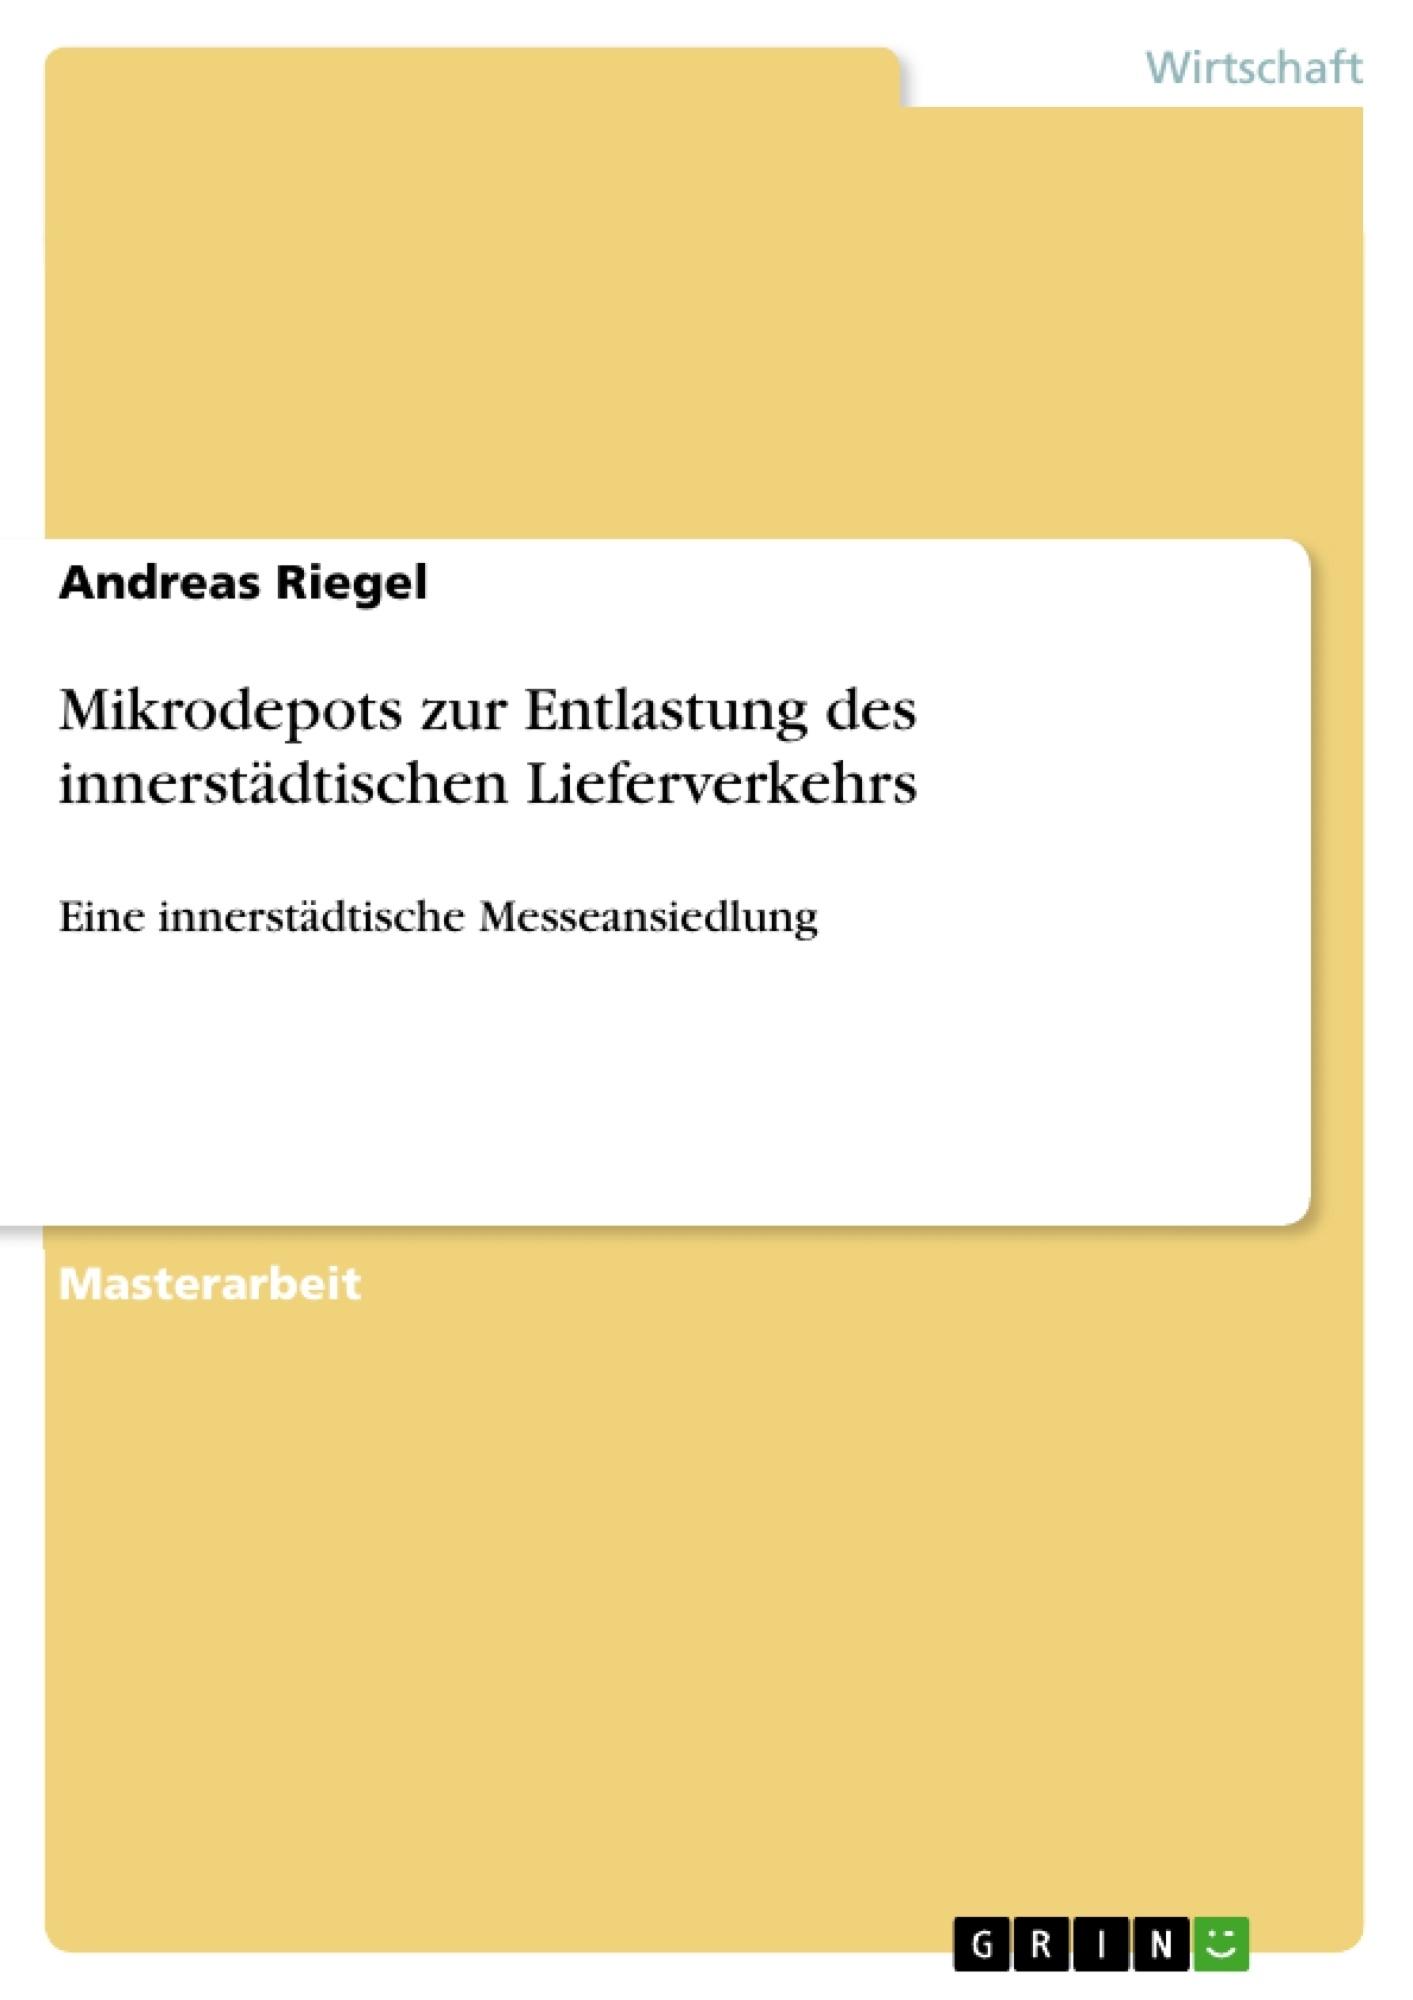 Titel: Mikrodepots zur Entlastung des innerstädtischen Lieferverkehrs